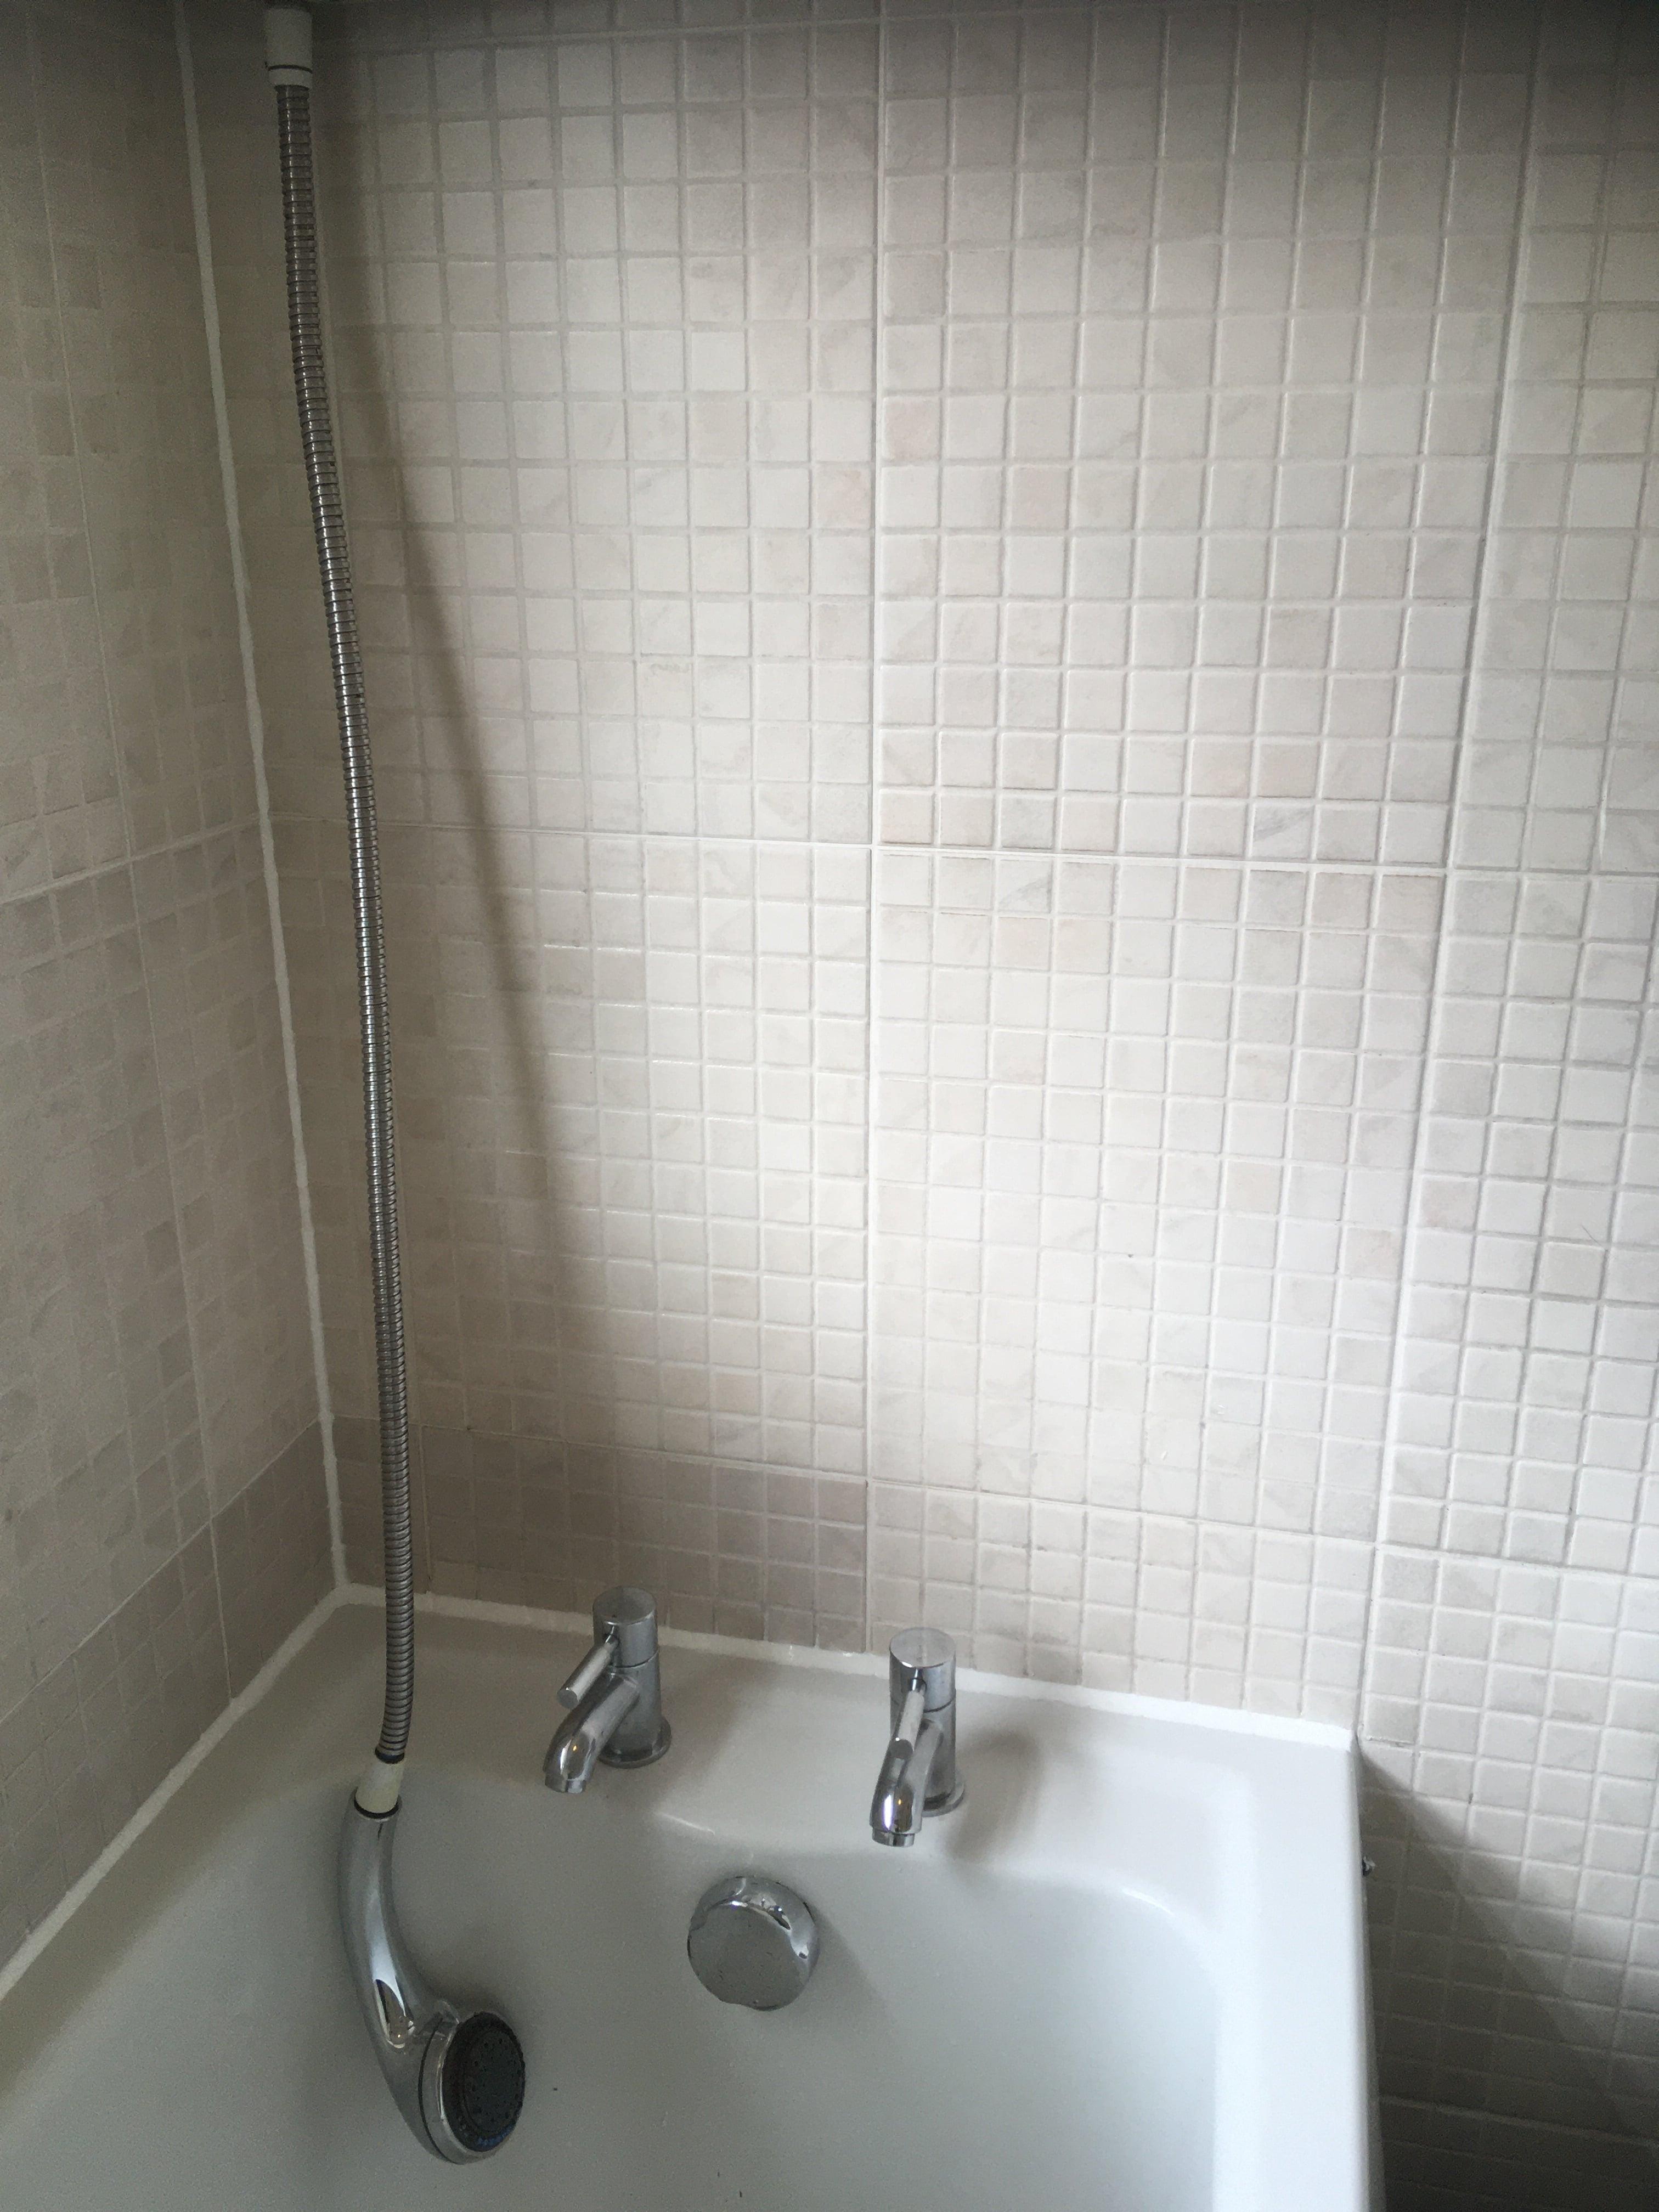 Mouldy Shower Bath Tiling After Renovation Levenshulme